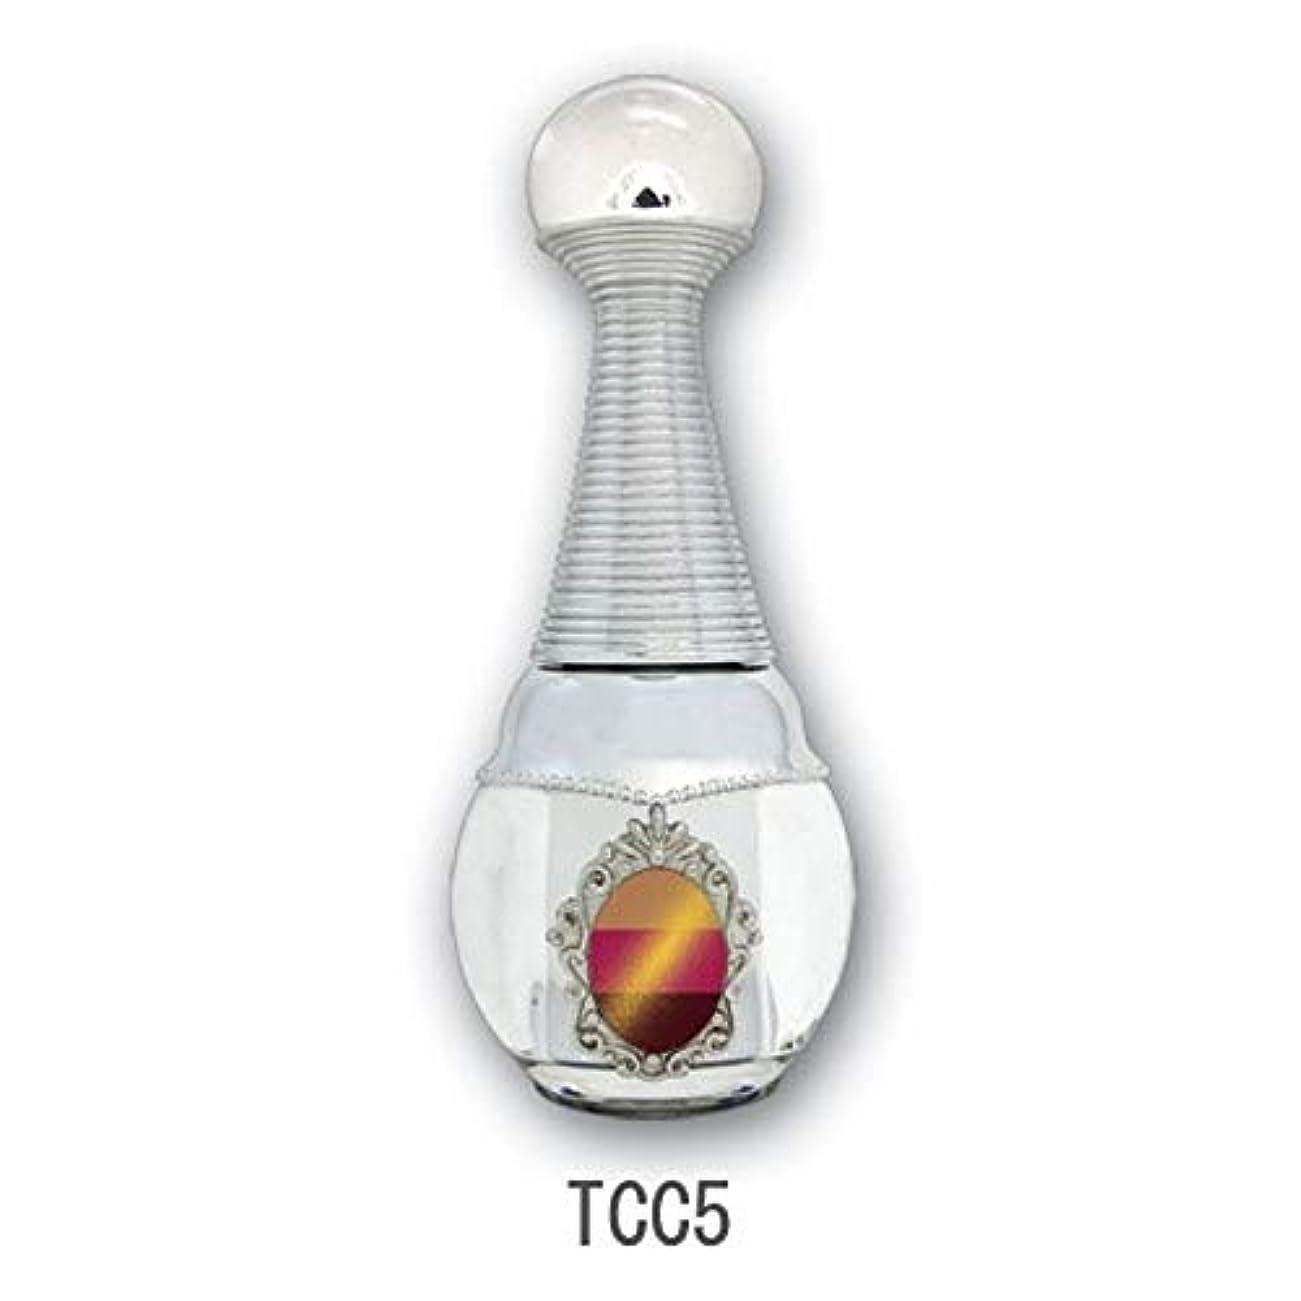 追加するつらい神経KENZICO (ケンジコ) Triple Cat's Eye Gel 【TCC5】 トリプルキャッツアイ 10m プロ用 3つの色に変わる キャッツアイジェル